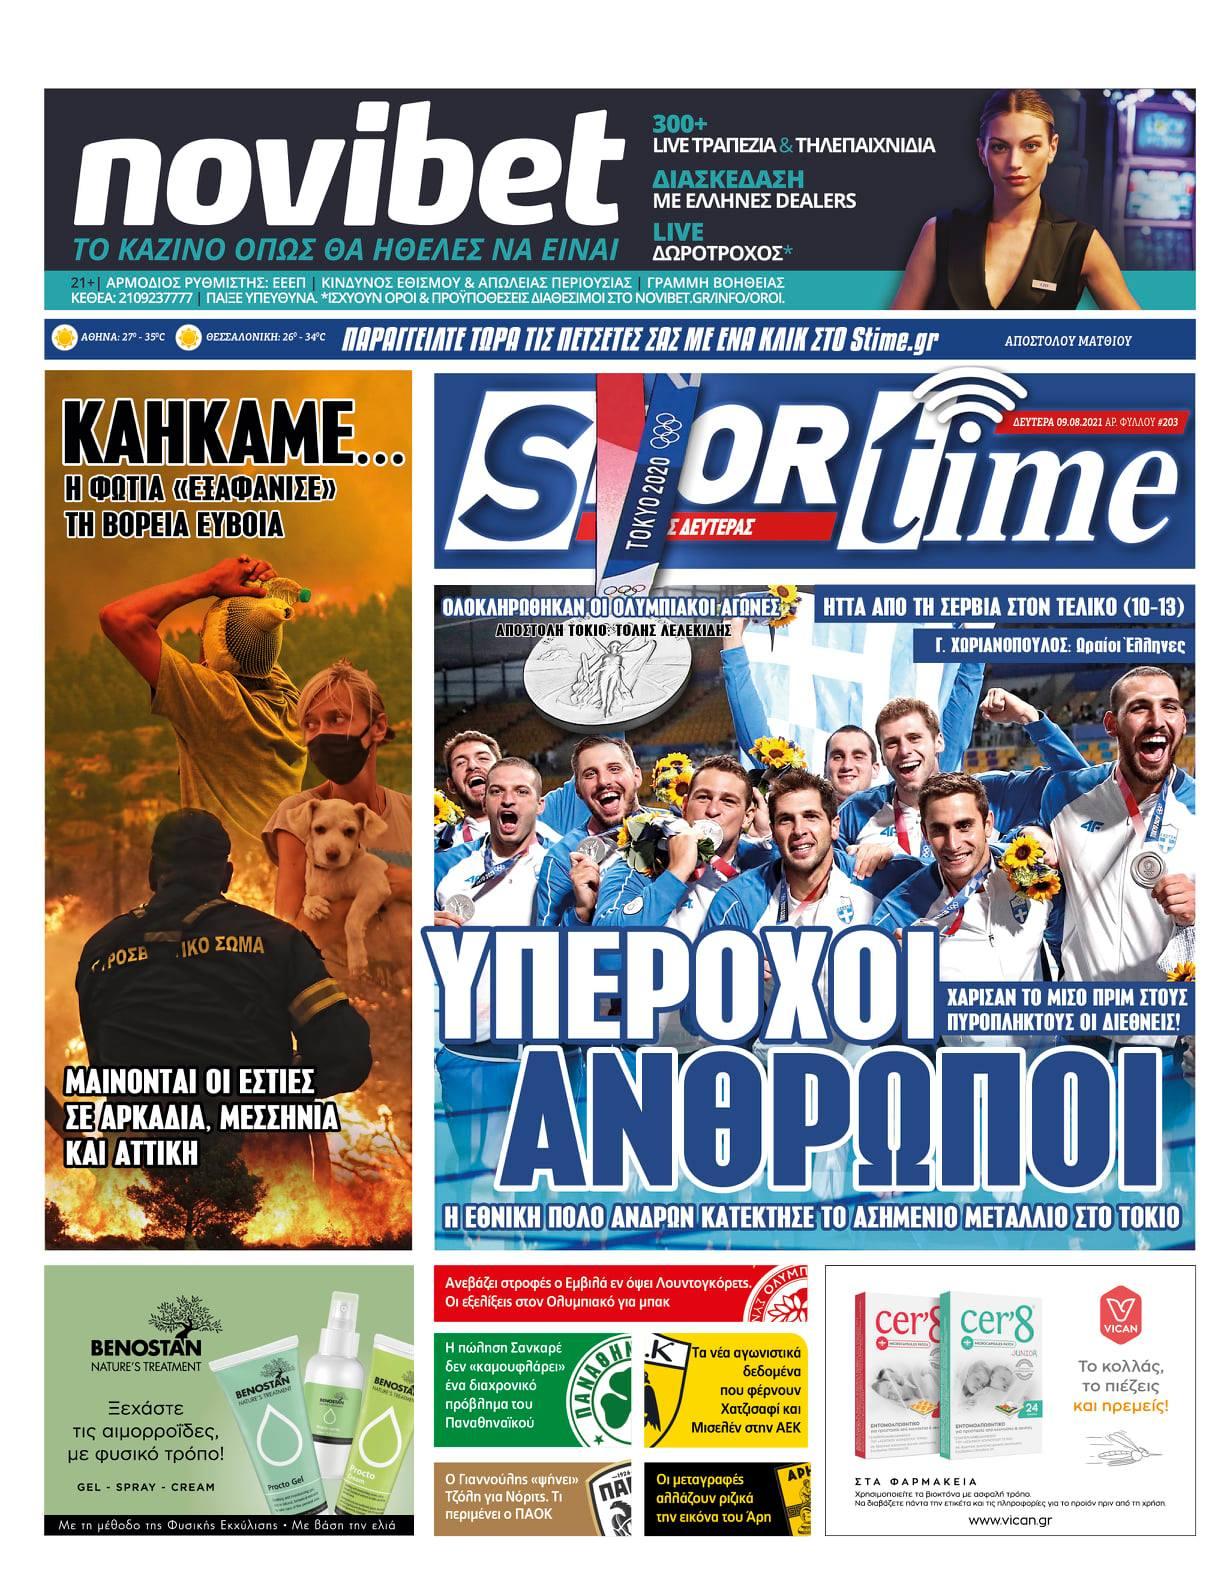 Εφημερίδα SPORTIME - Εξώφυλλο φύλλου 9/8/2021